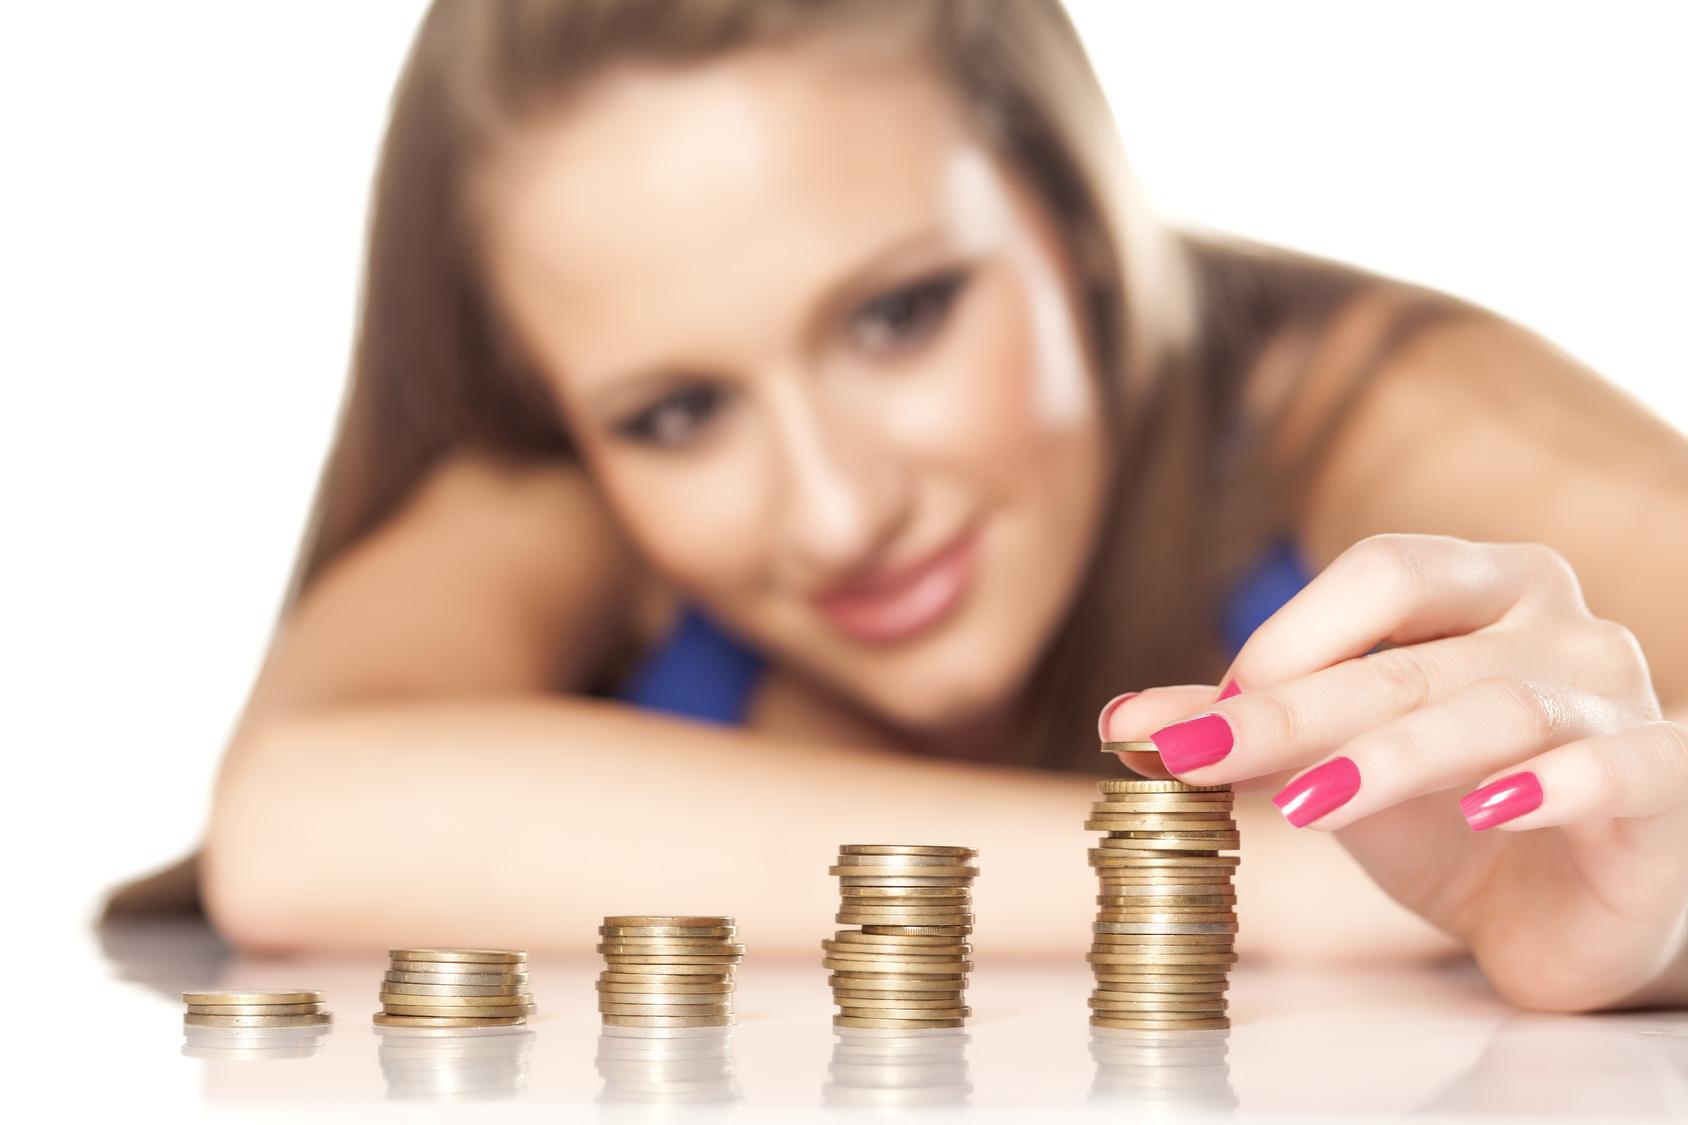 Kā naudu tērē katra horoskopa zīme? Palūko, vai tev atbilst! | BrīvBrīastrologuasociacija.lv